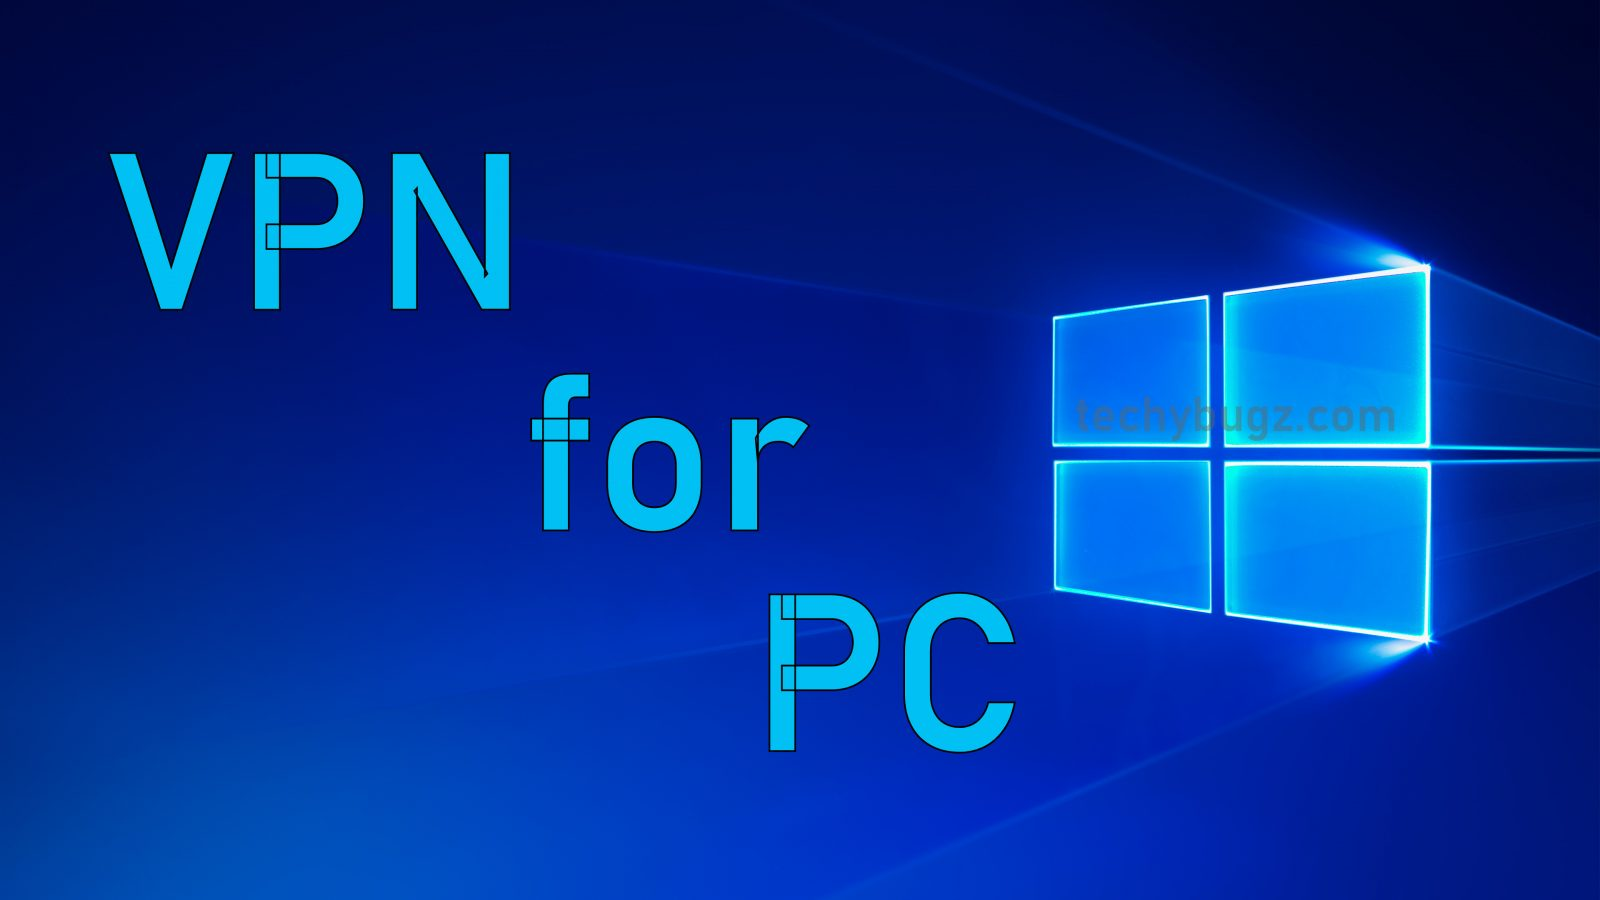 VPN for PC